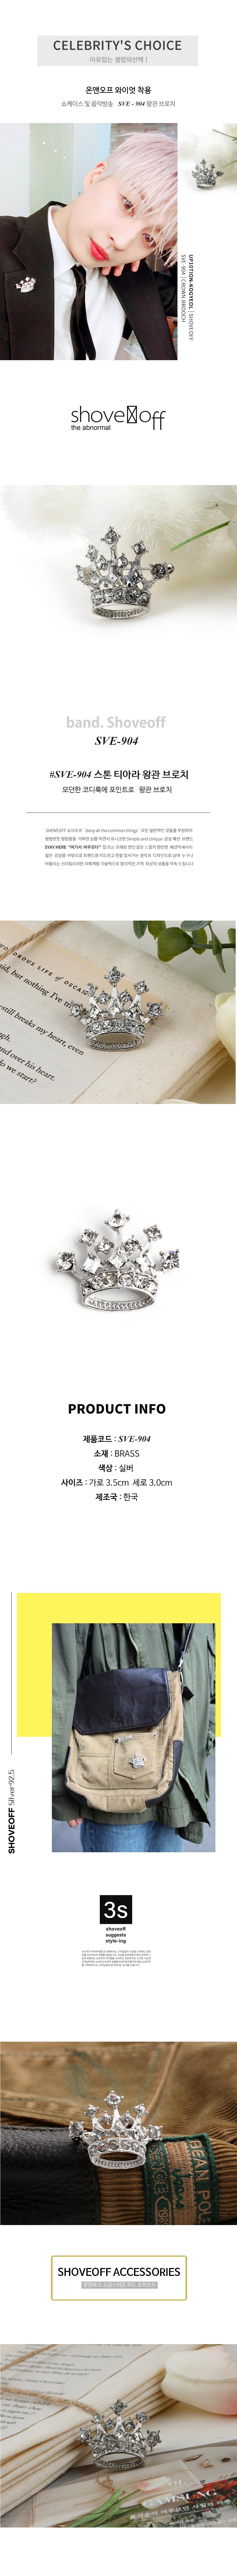 쇼브오프(SHOVEOFF) SVE-#904 왕관 브로치